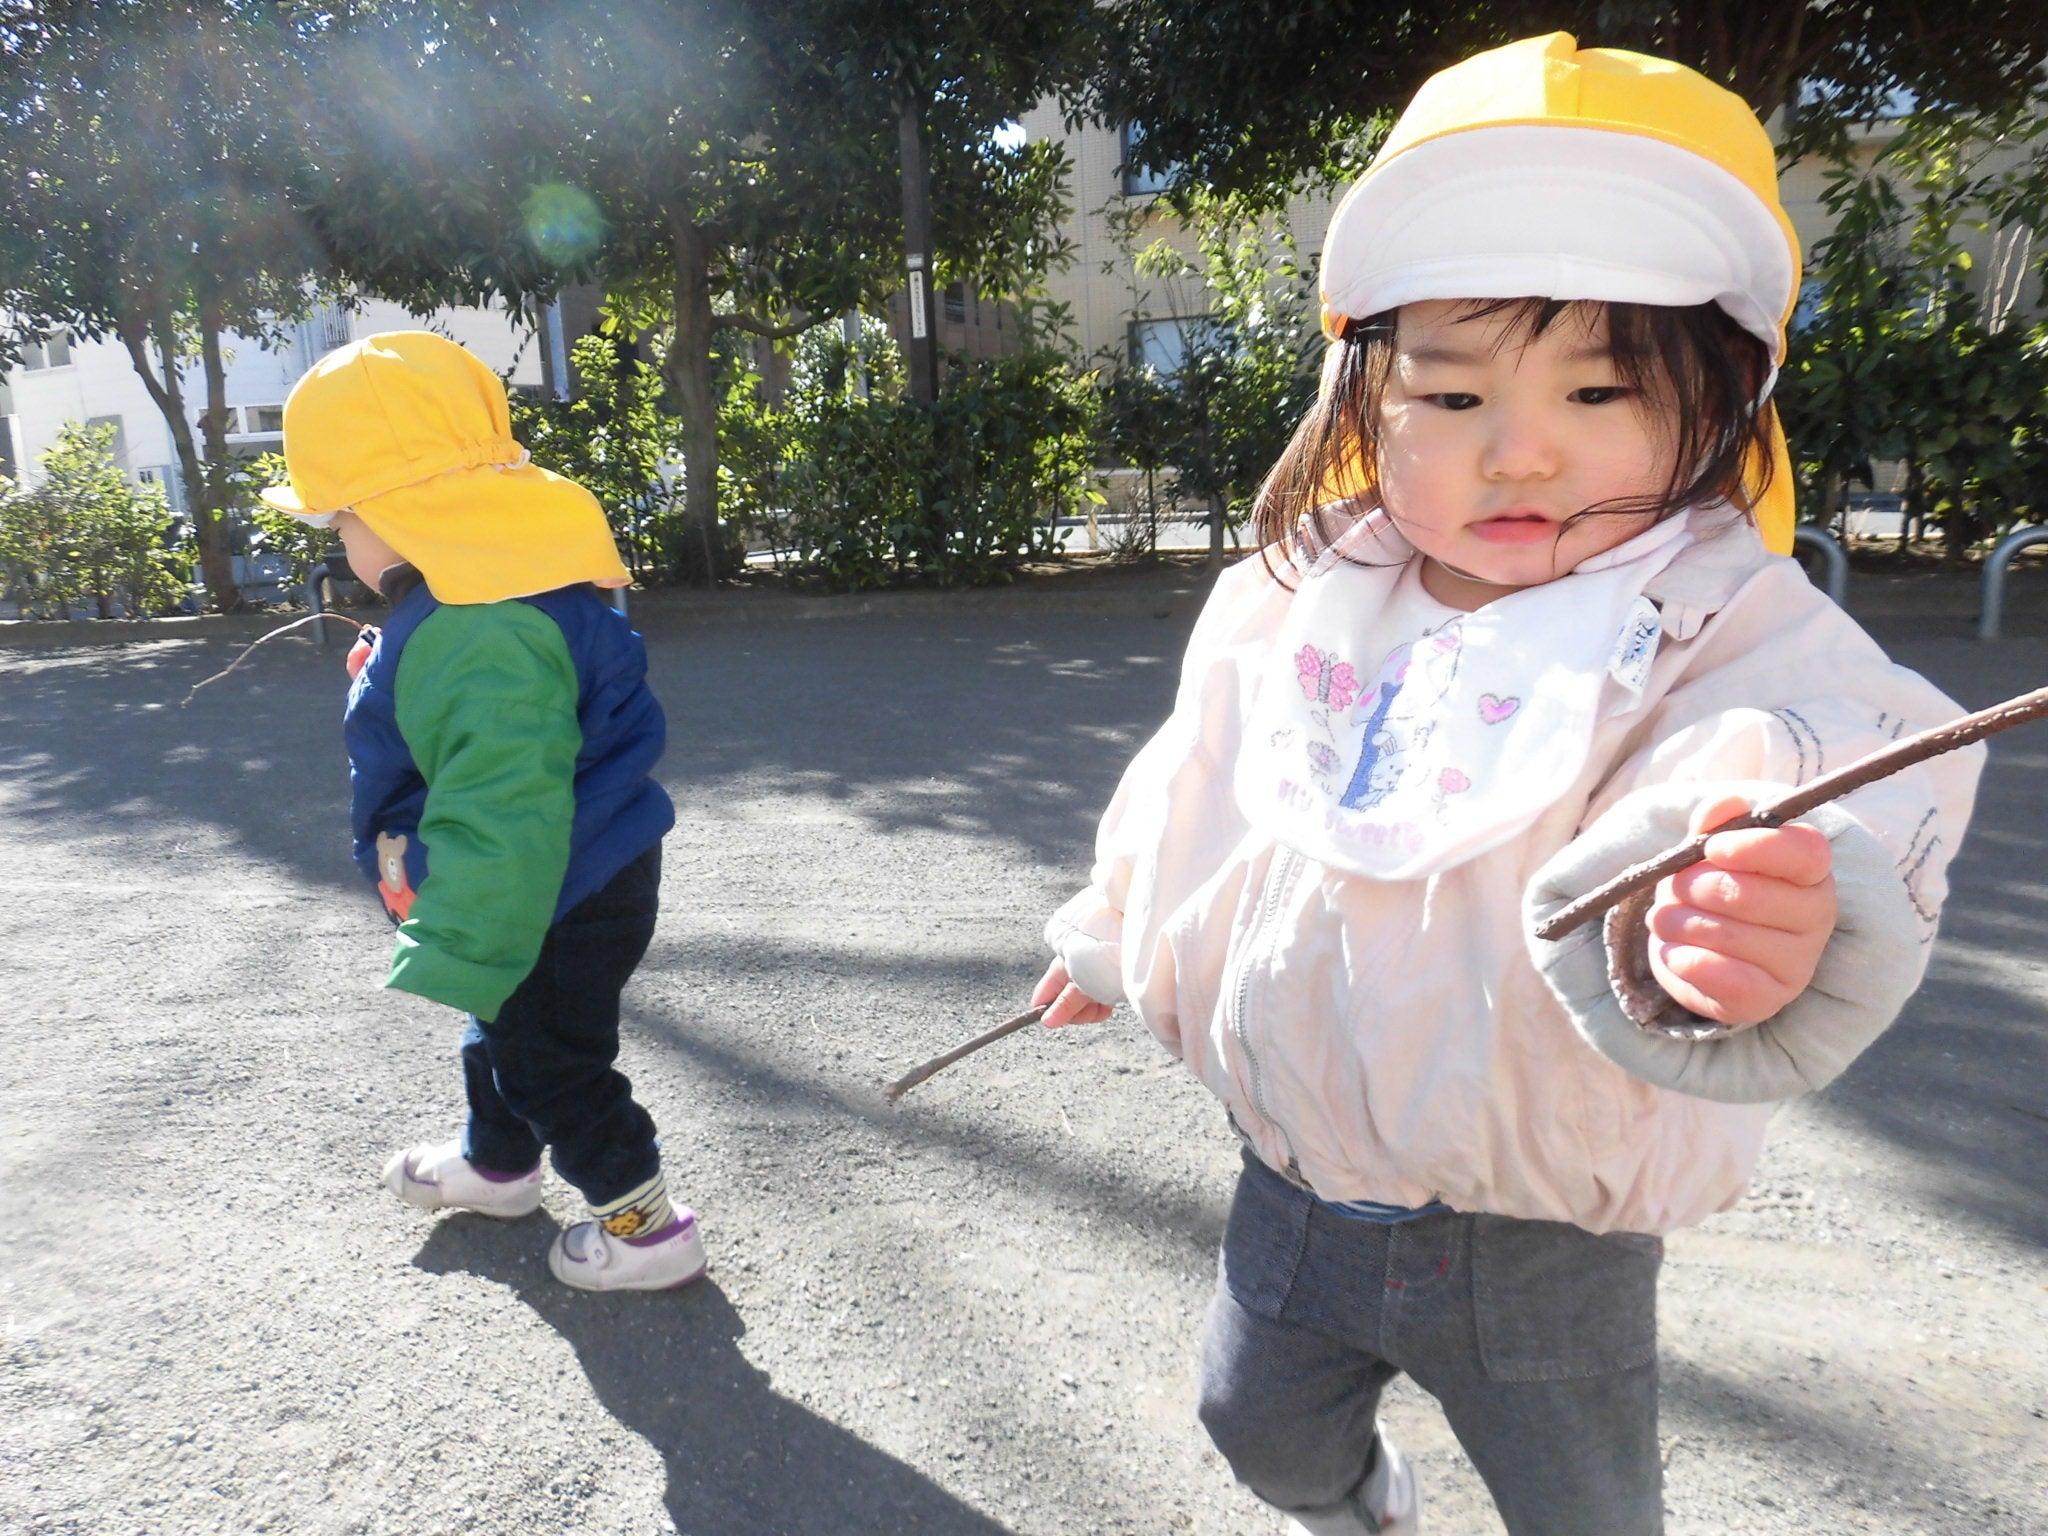 駒込西公園へ行きました。   さくらさくみらい駒込のブログ